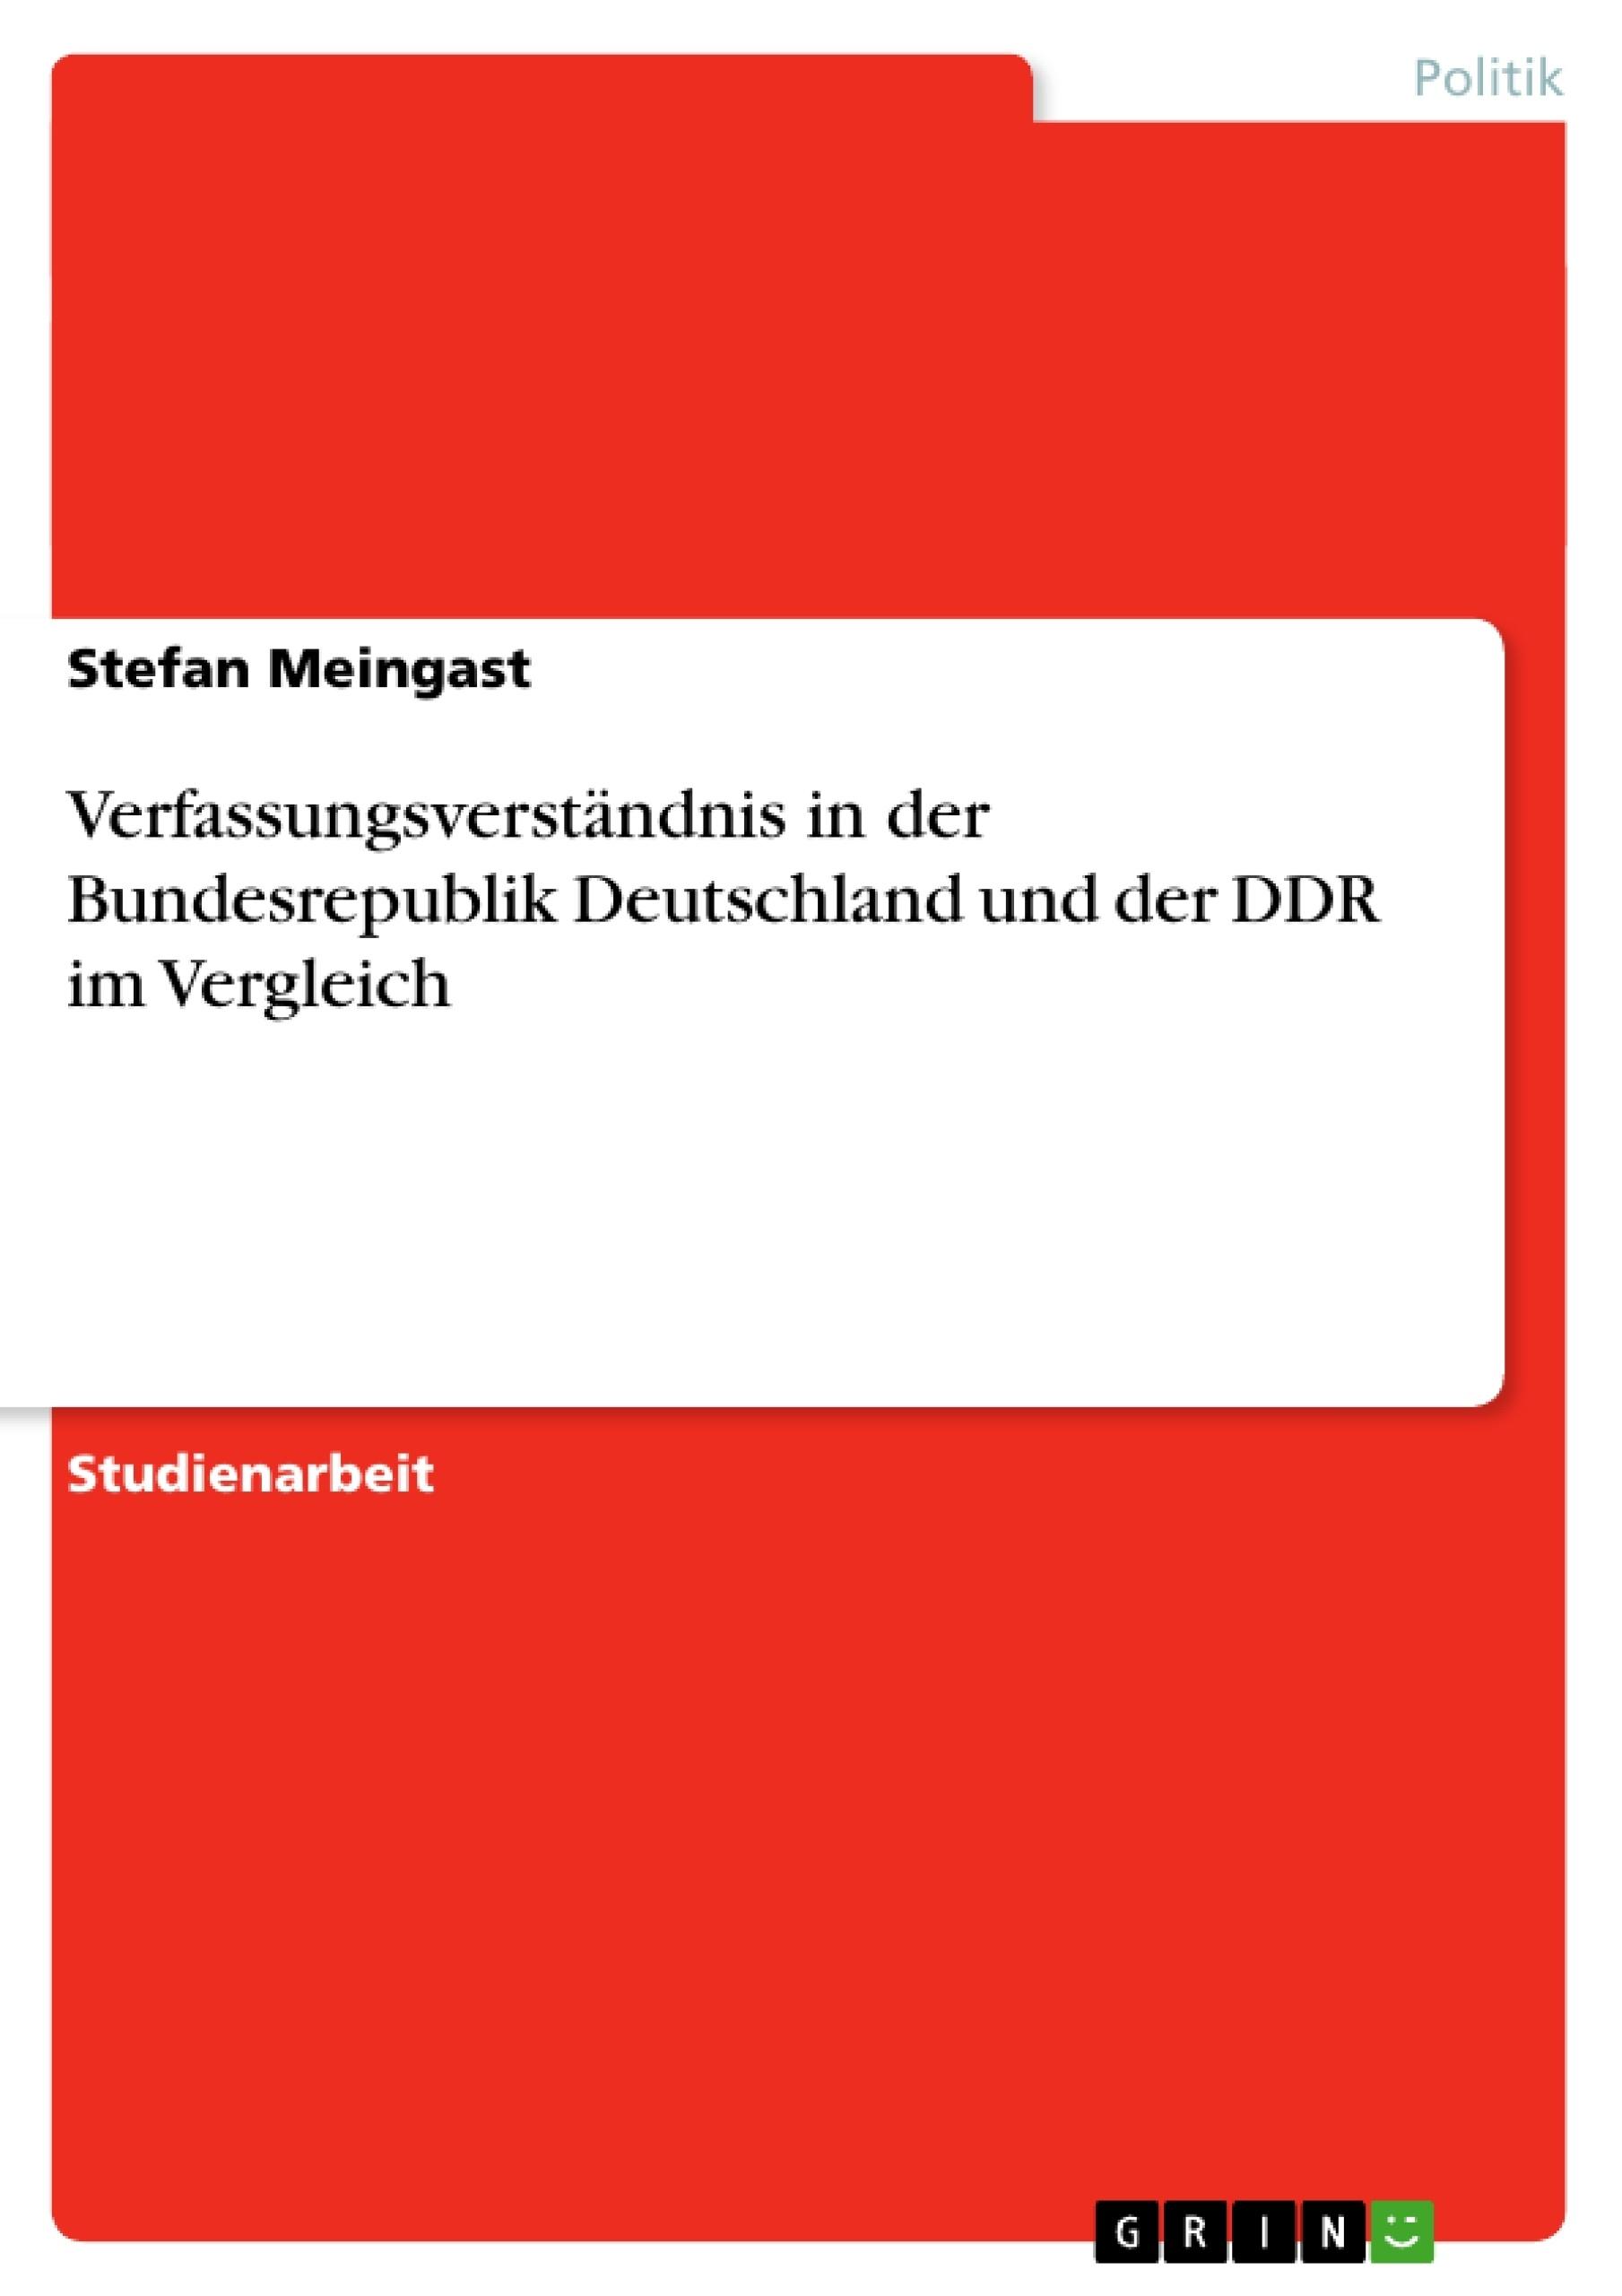 Titel: Verfassungsverständnis in der Bundesrepublik Deutschland und der DDR im Vergleich